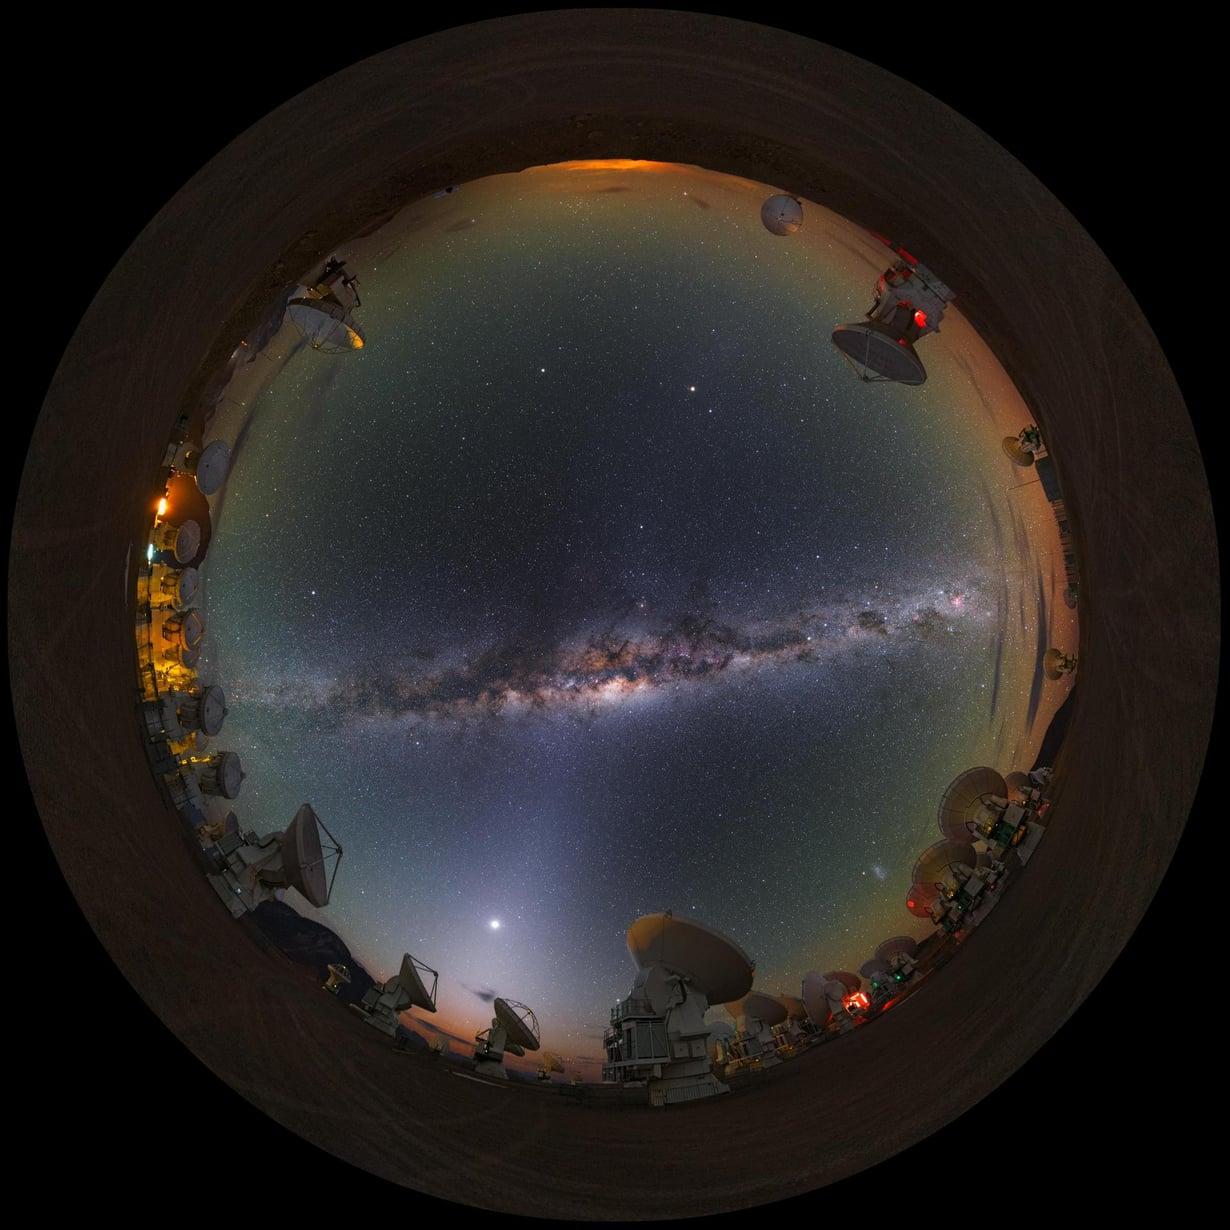 Linnunrata Atacaman autiomaahan sijoitetuilta teleskoopeilta katsottuna. Kuva: LCO/ESO